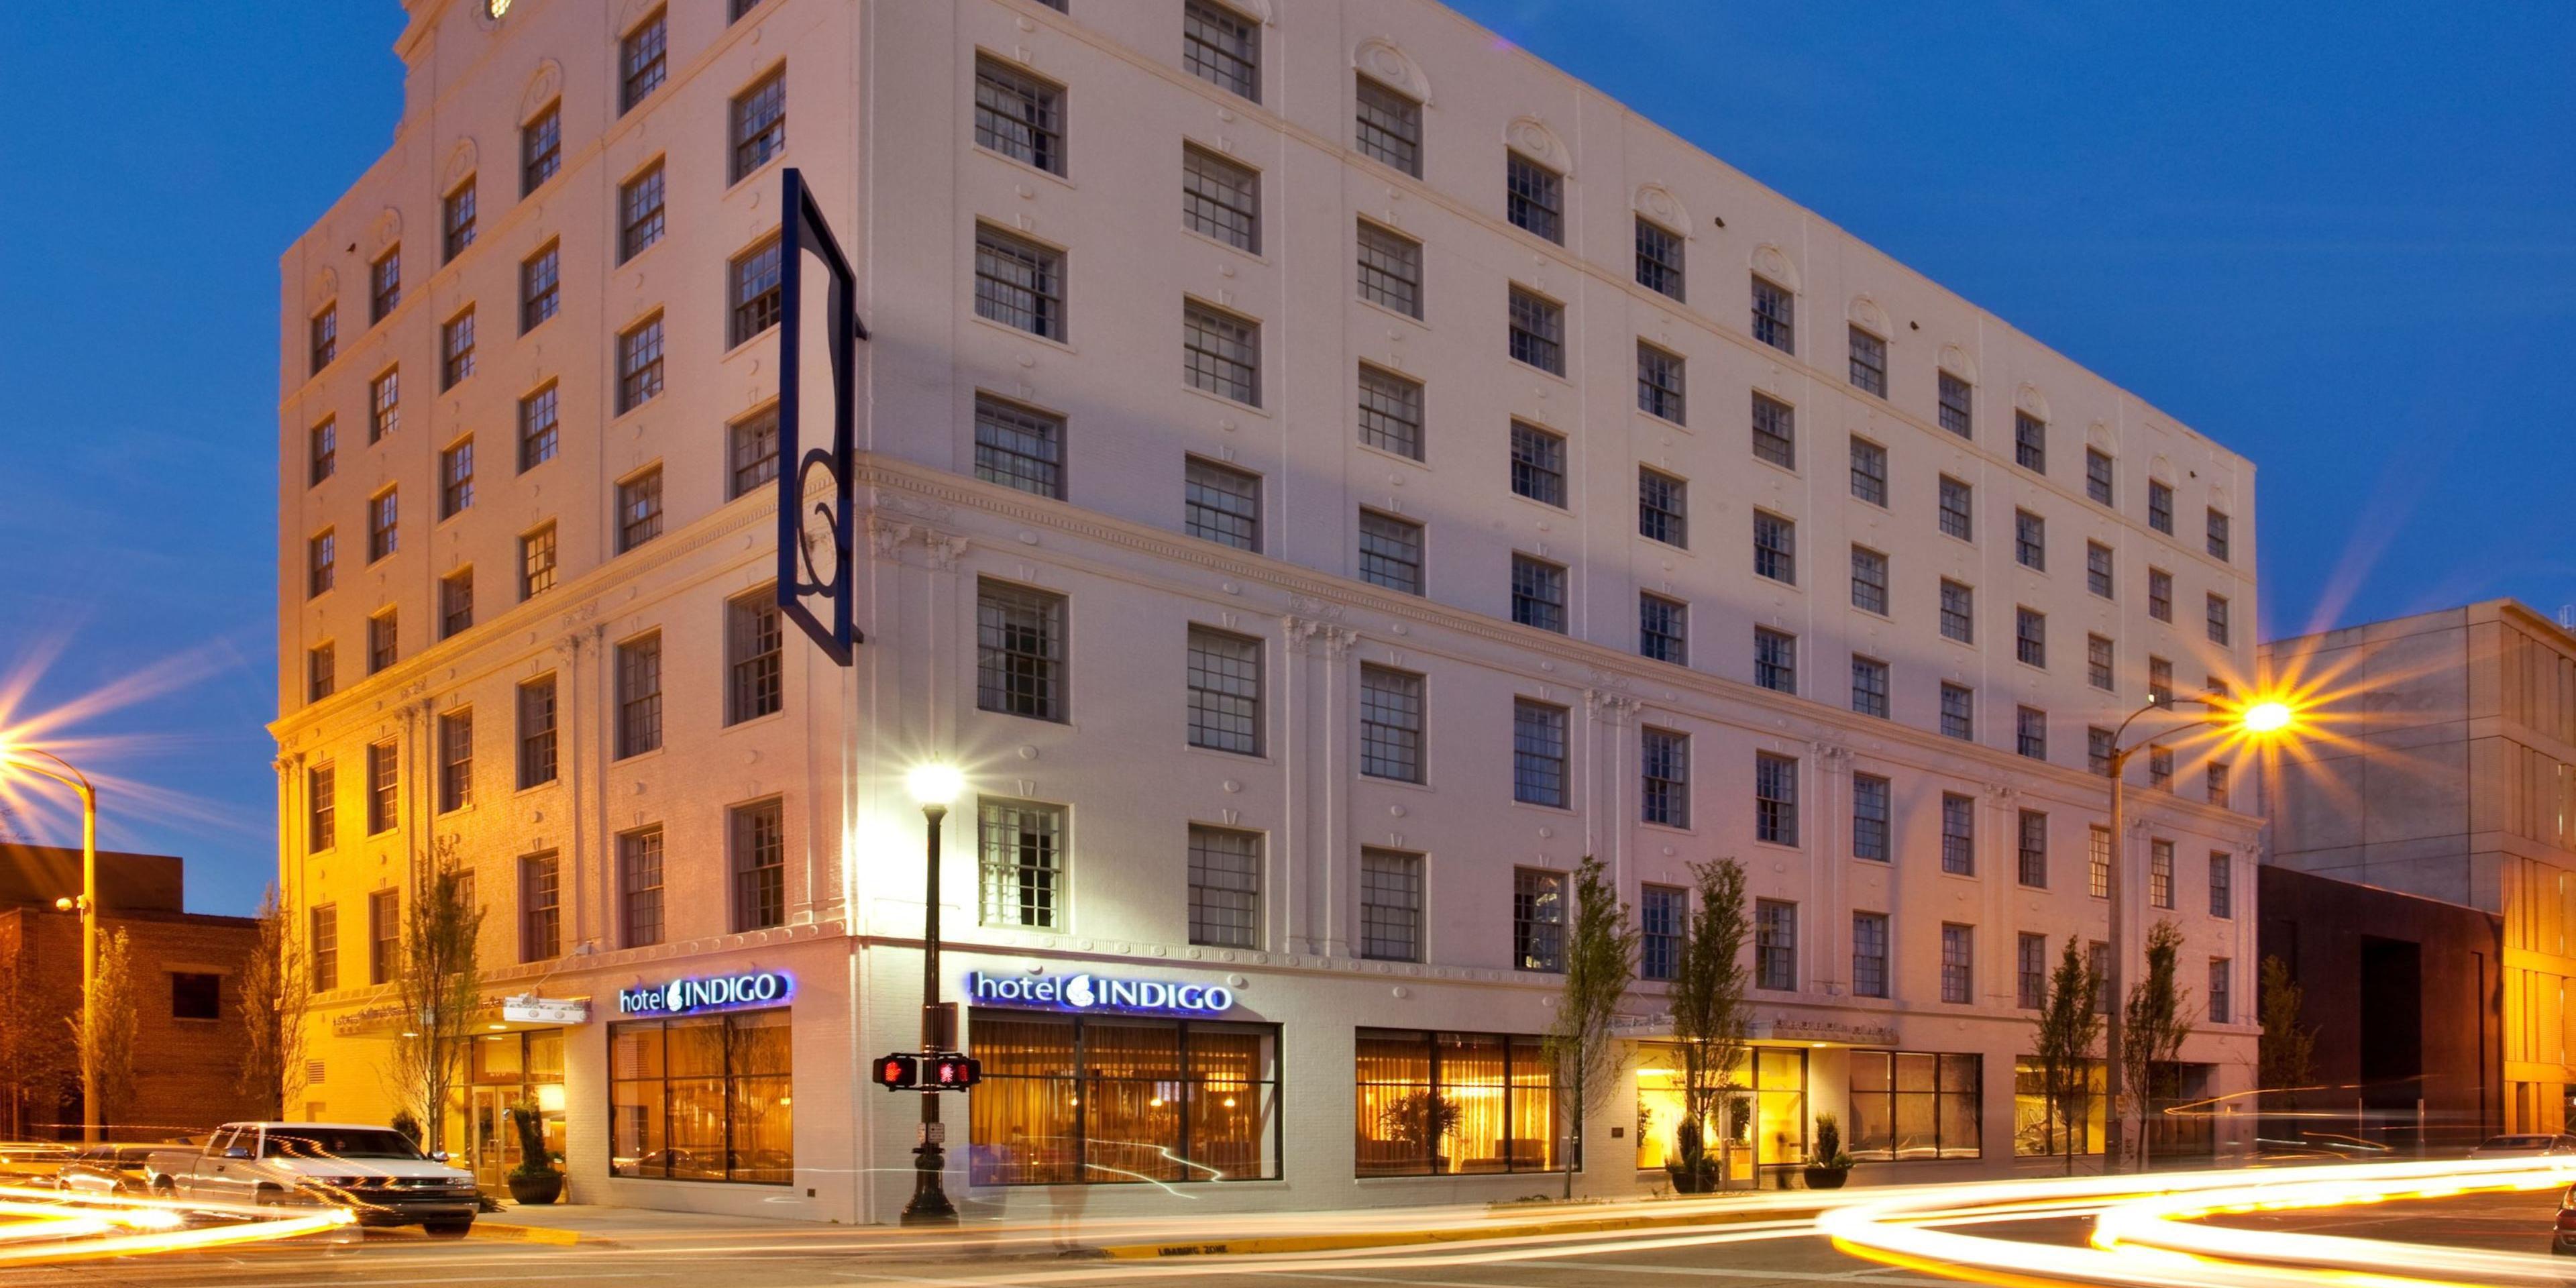 Hotel Indigo Baton Rouge Downtown image 0